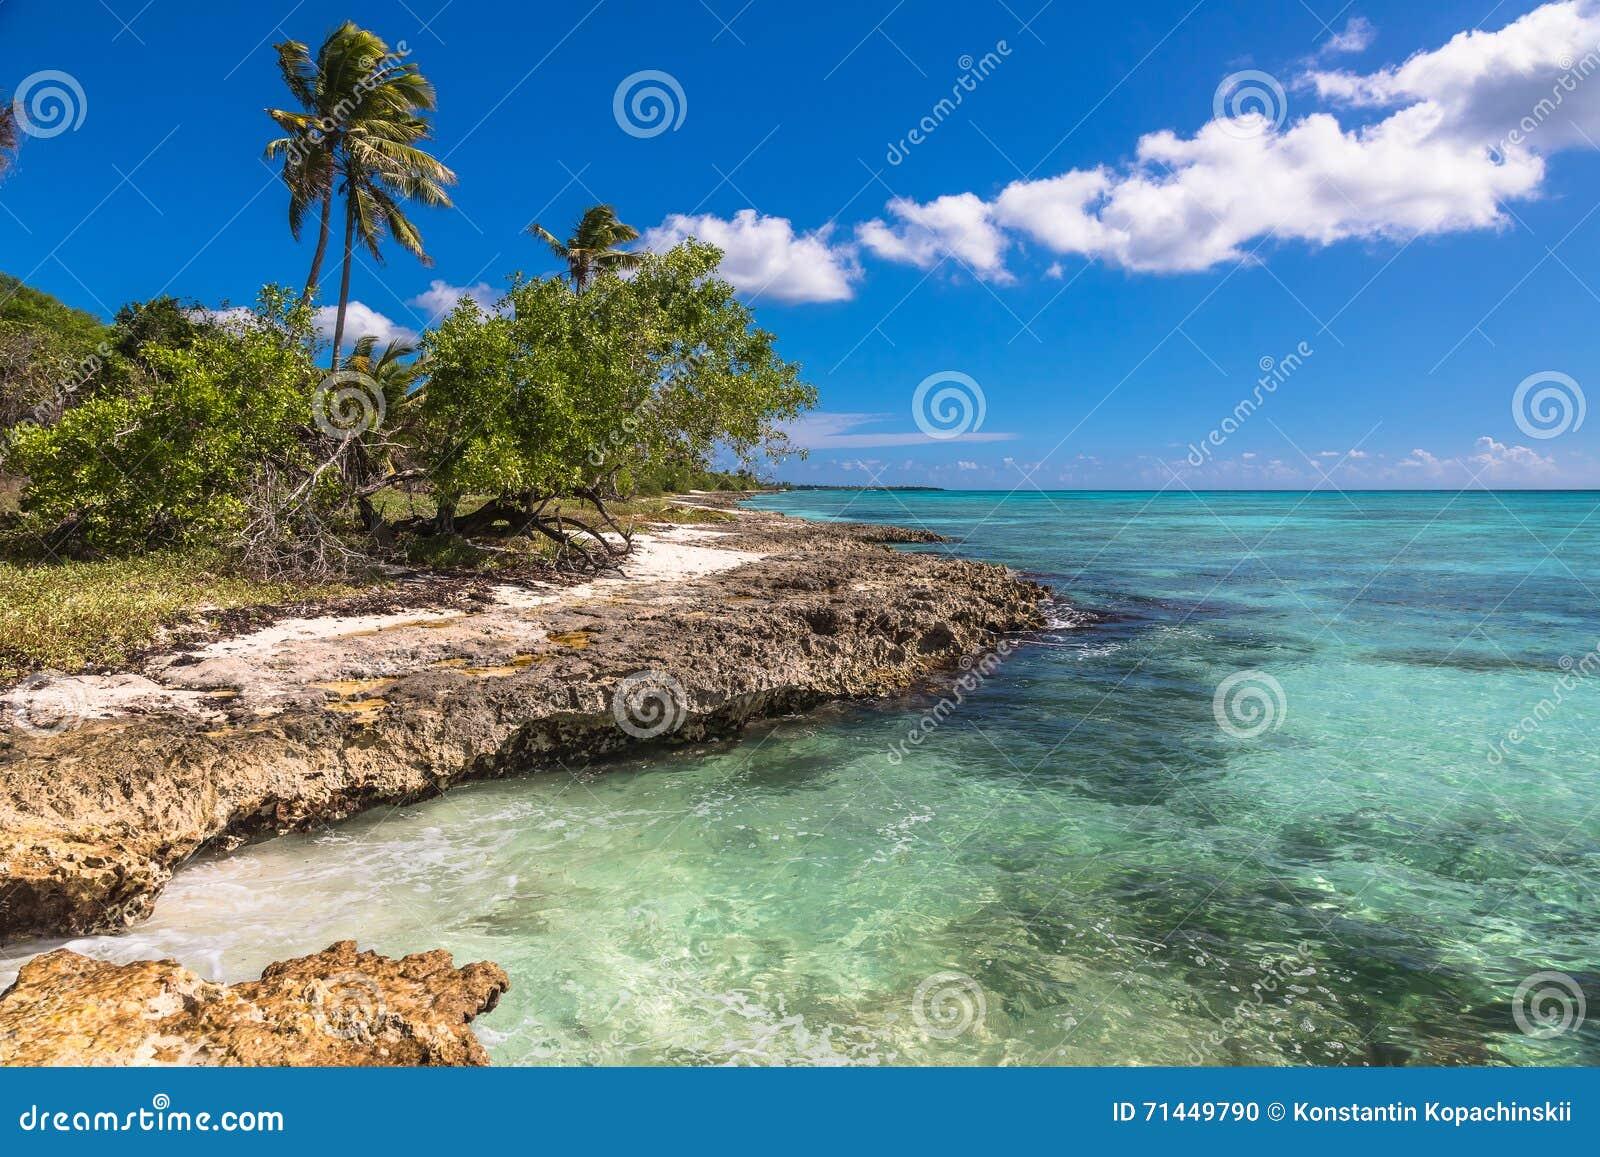 Spiaggia tropicale di corallo selvaggia, isola di Saona, mar dei Caraibi